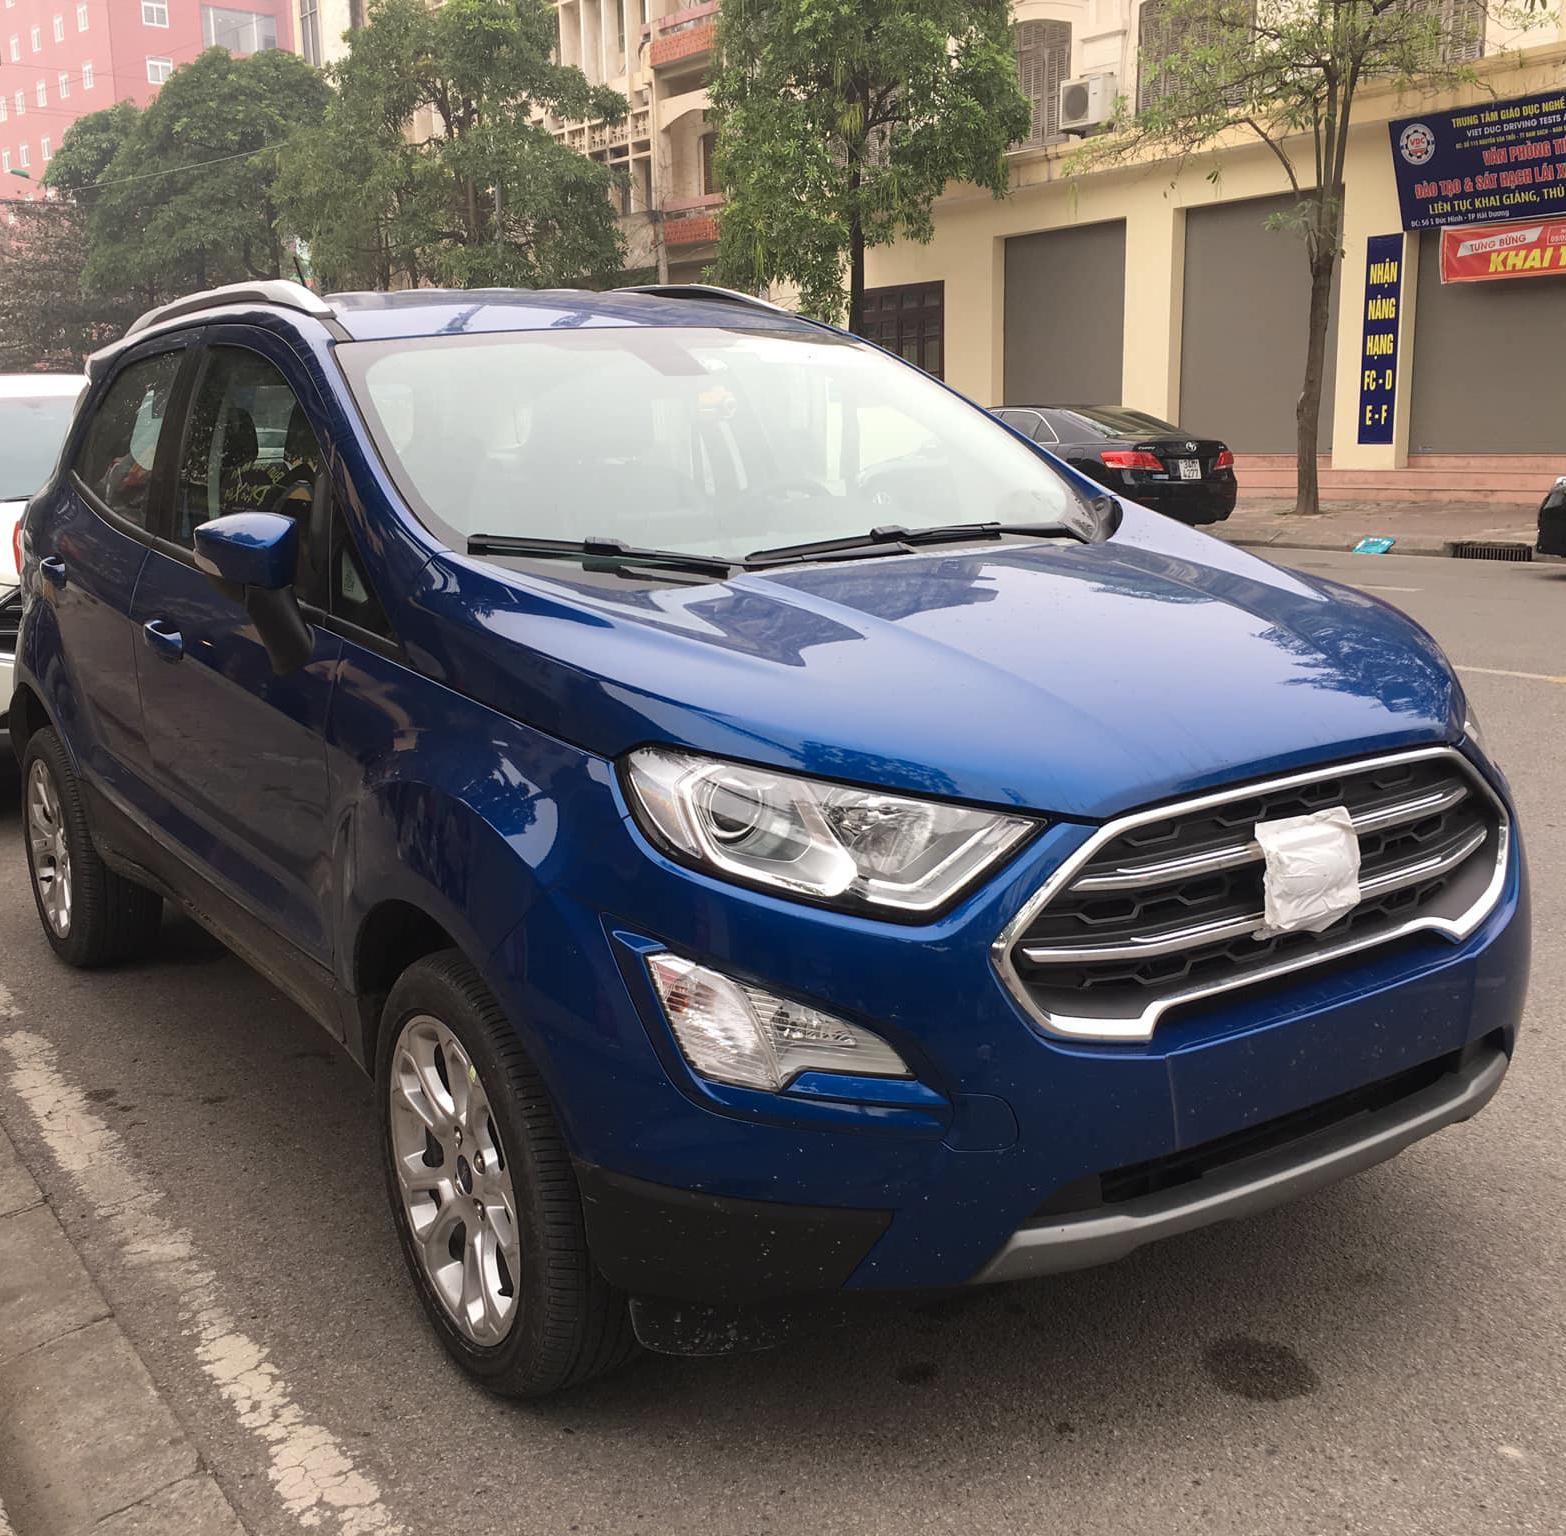 Lộ diện Ford Ecosport mới tại Việt Nam, không có bánh dự phòng - 1